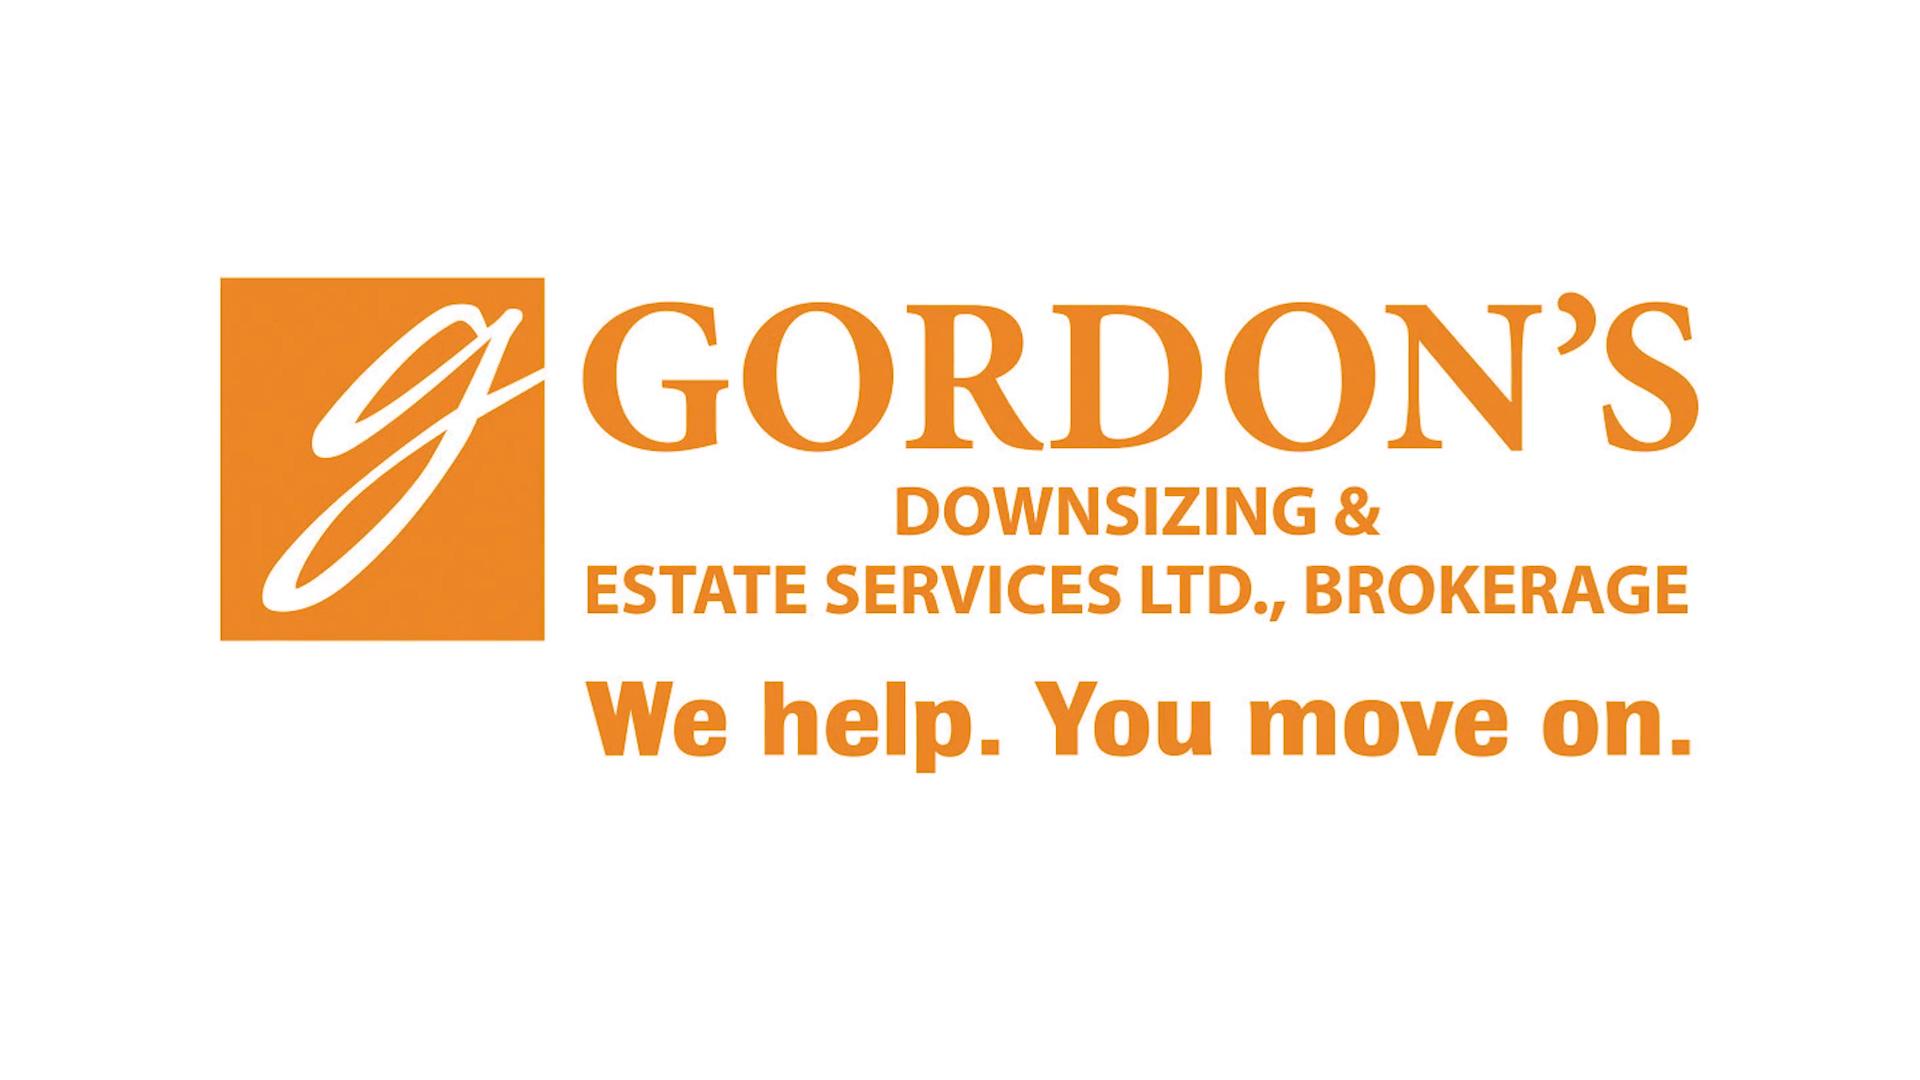 1. Gordons Intro